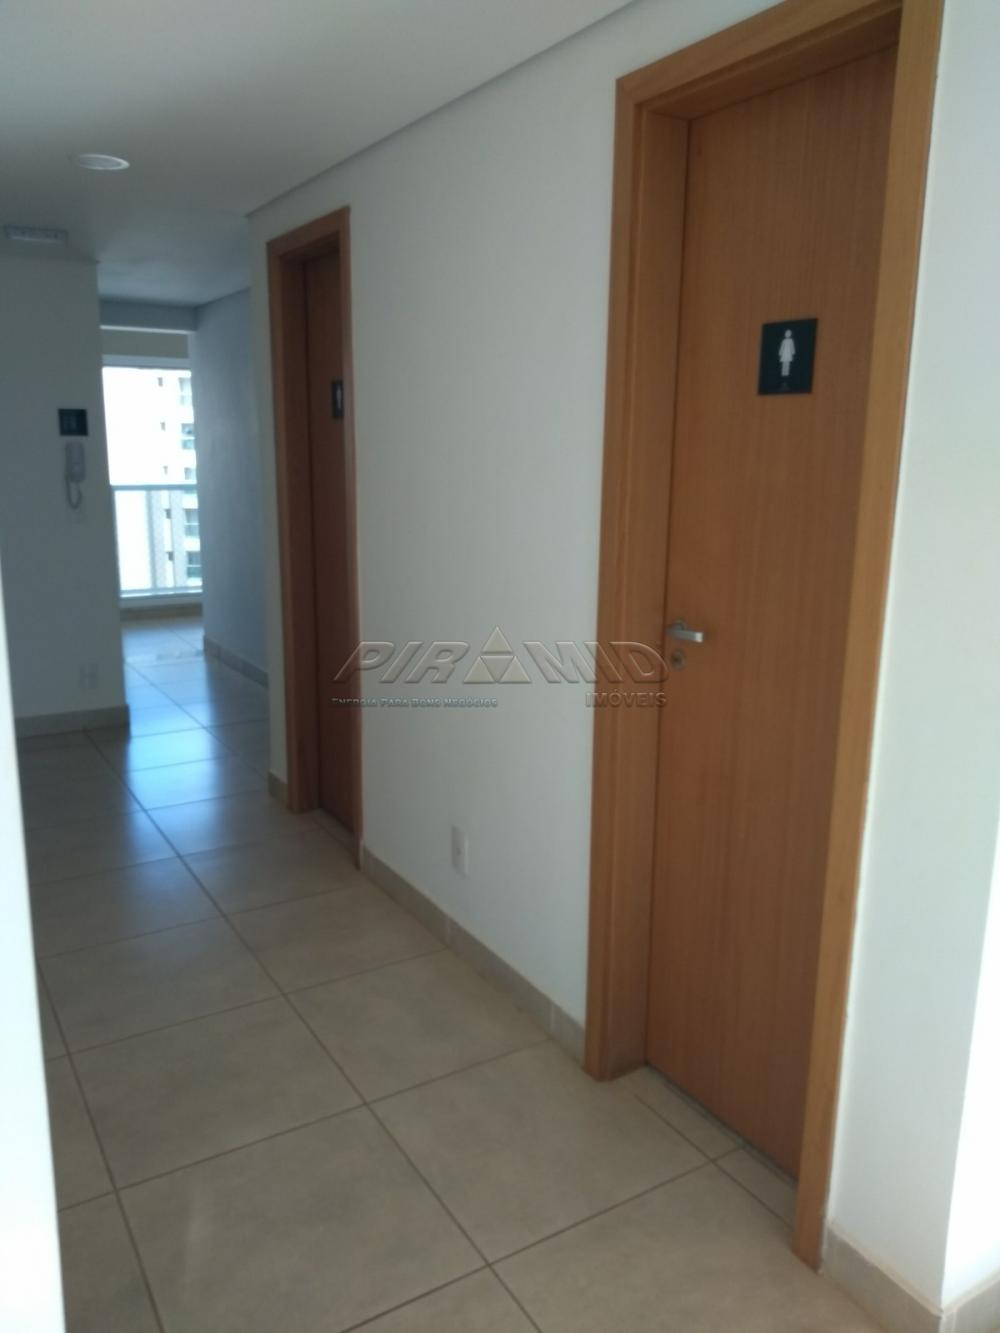 Alugar Apartamento / Padrão em Ribeirão Preto R$ 1.700,00 - Foto 67